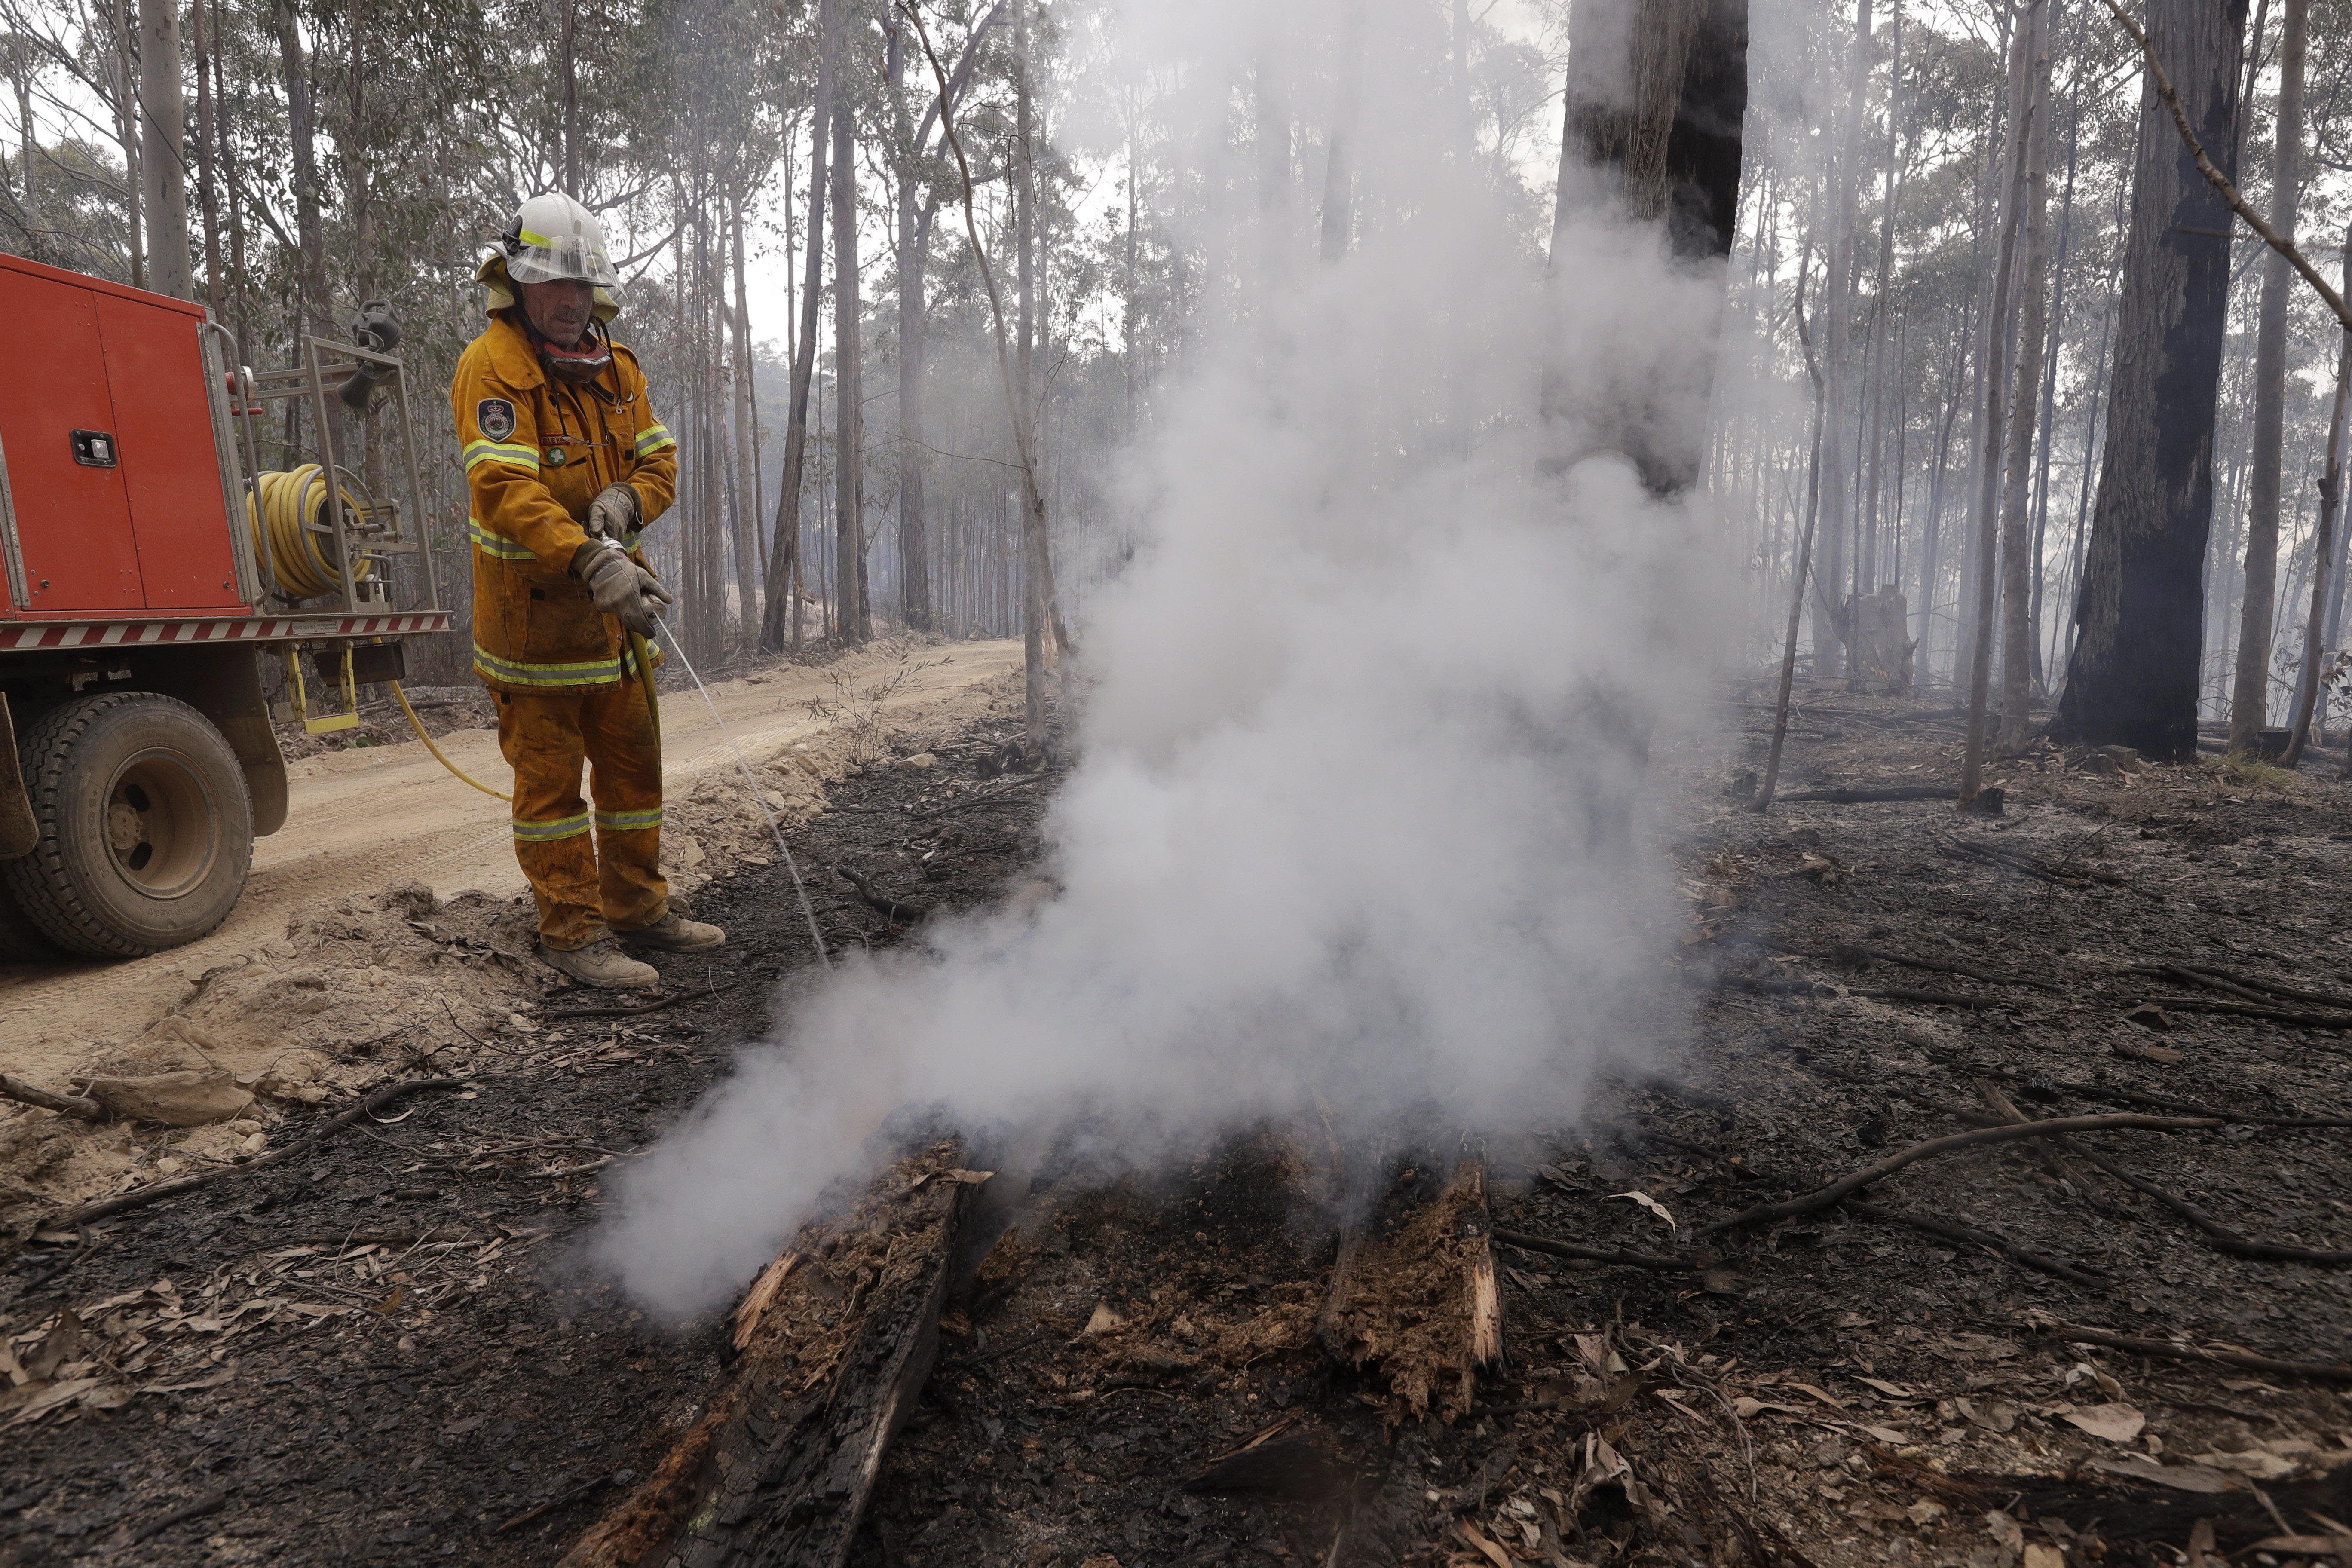 Smoke from Australian wildfires will travel around the globe